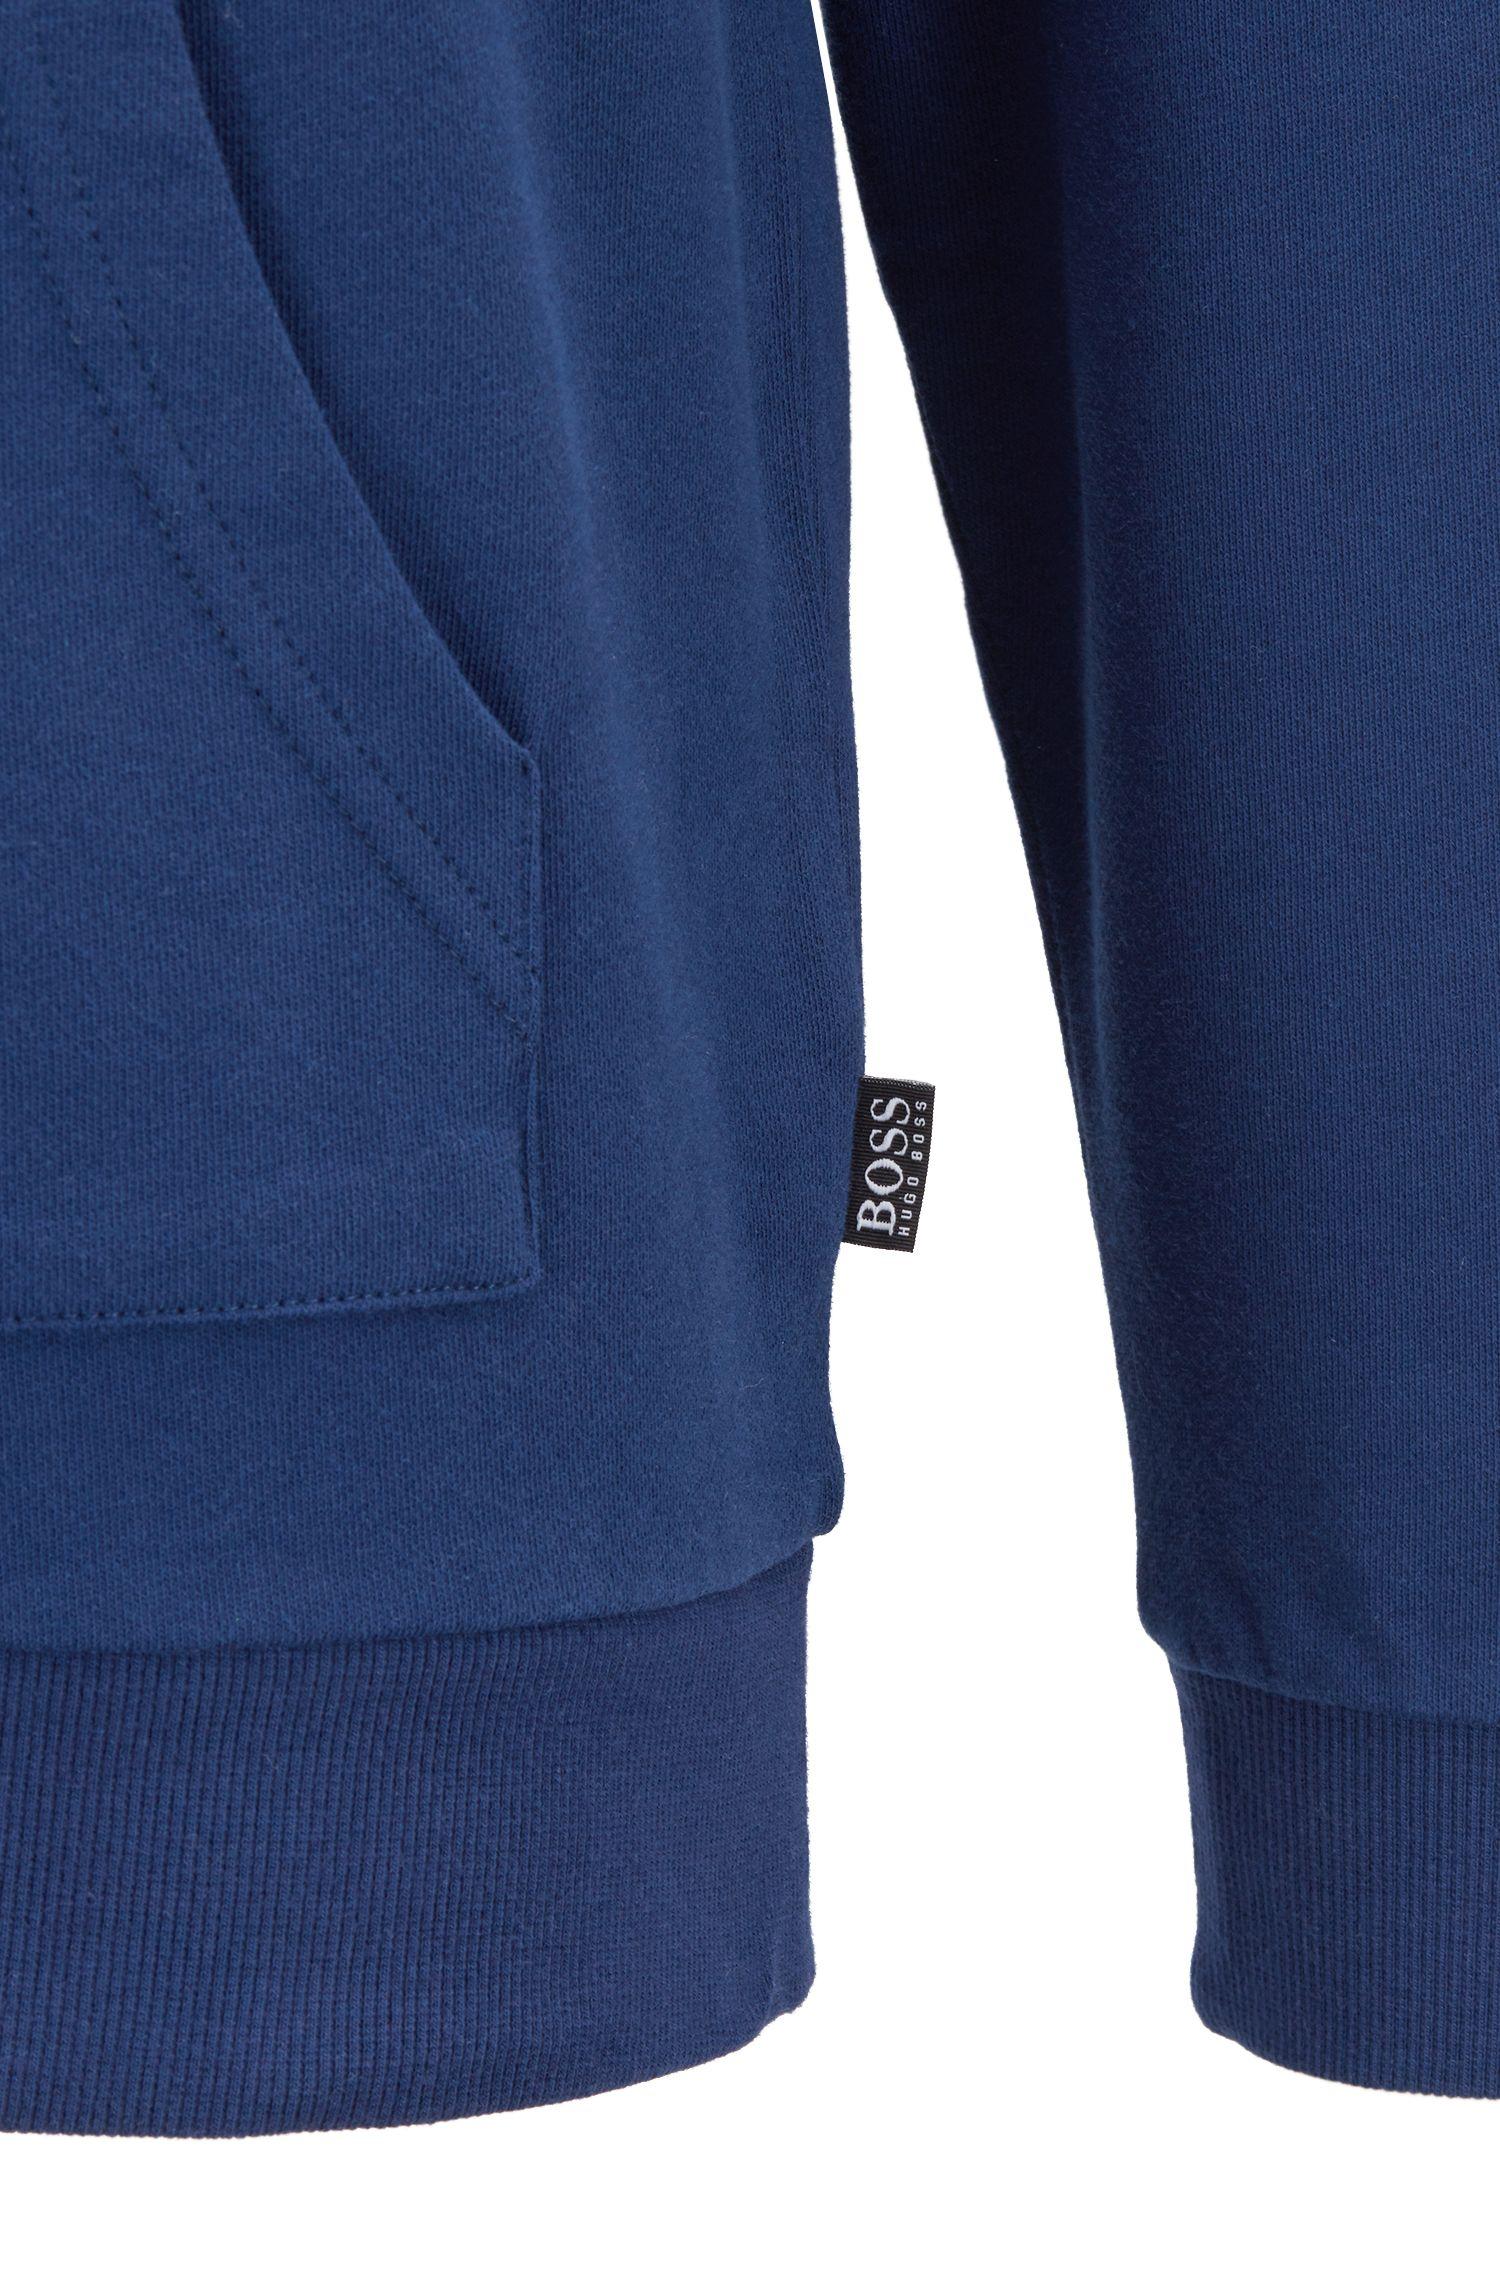 Kapuzen-Sweatshirt aus Baumwolle mit Dégradé-Logo, Dunkelblau